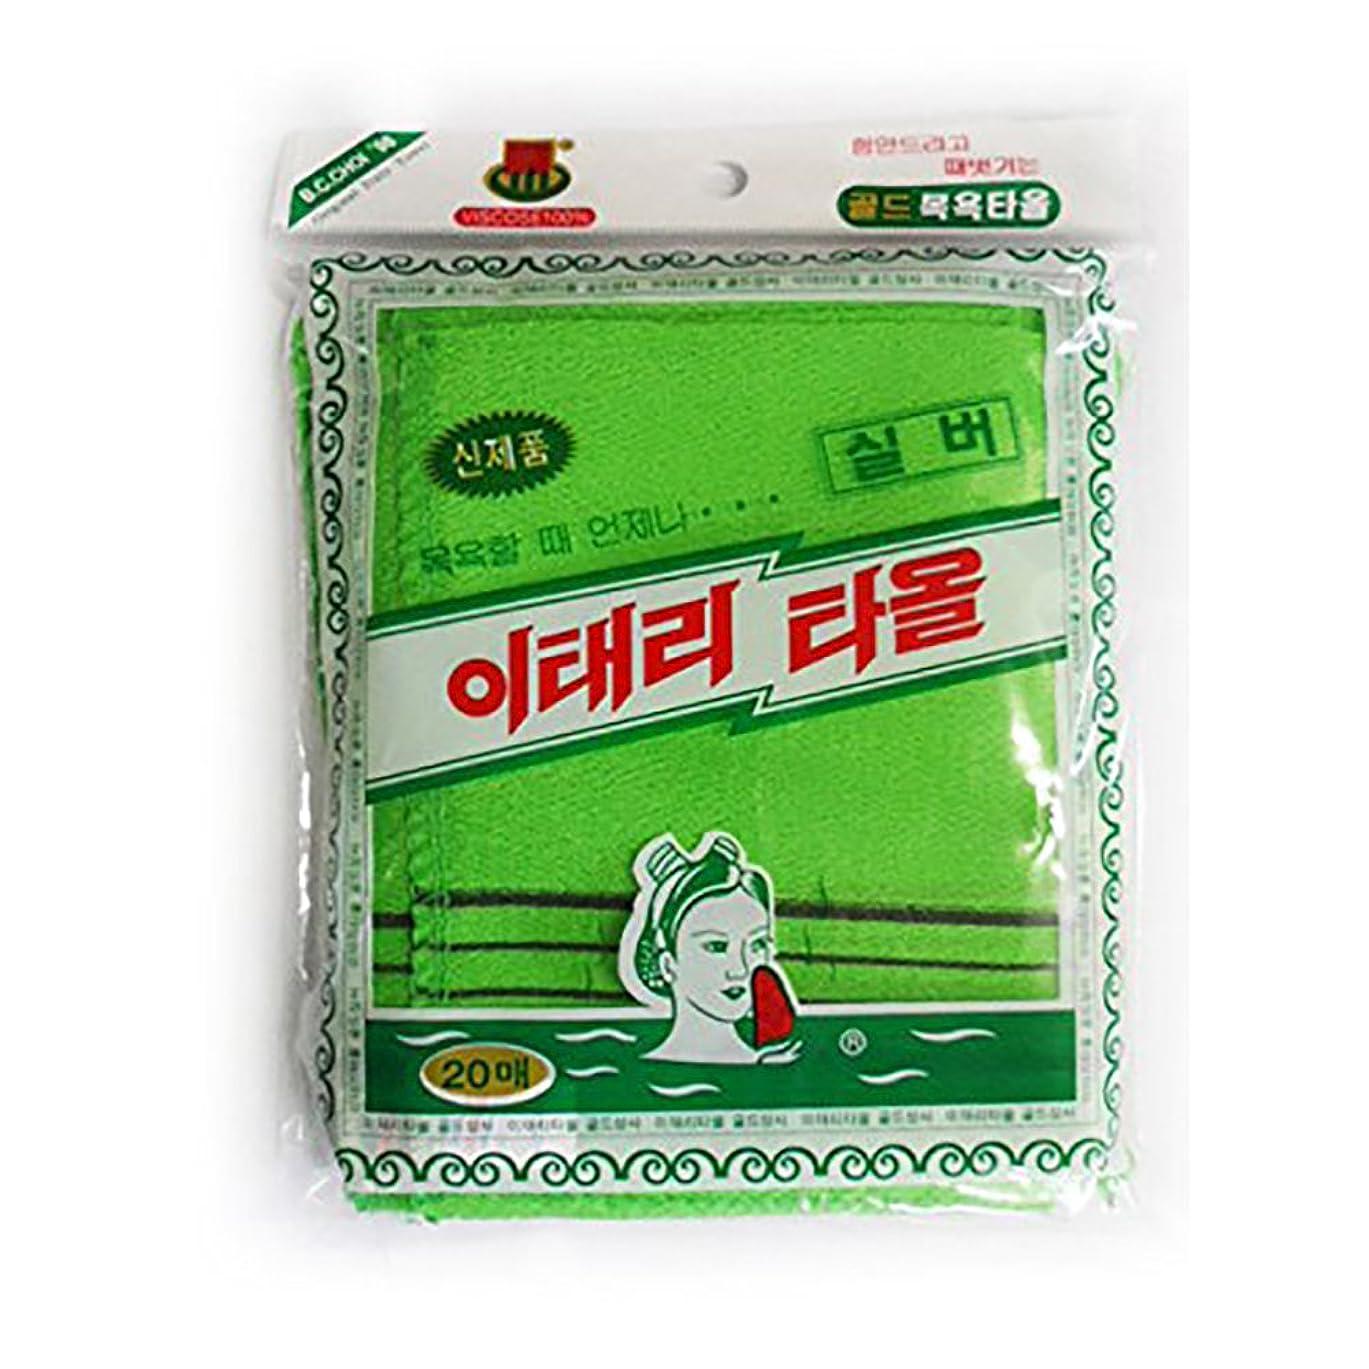 と悩む中性韓国式 あかすり タオル 20枚セット/Korean Exfoliating Scrub Bath Towel/Body Scrubs 20pcs [並行輸入品]